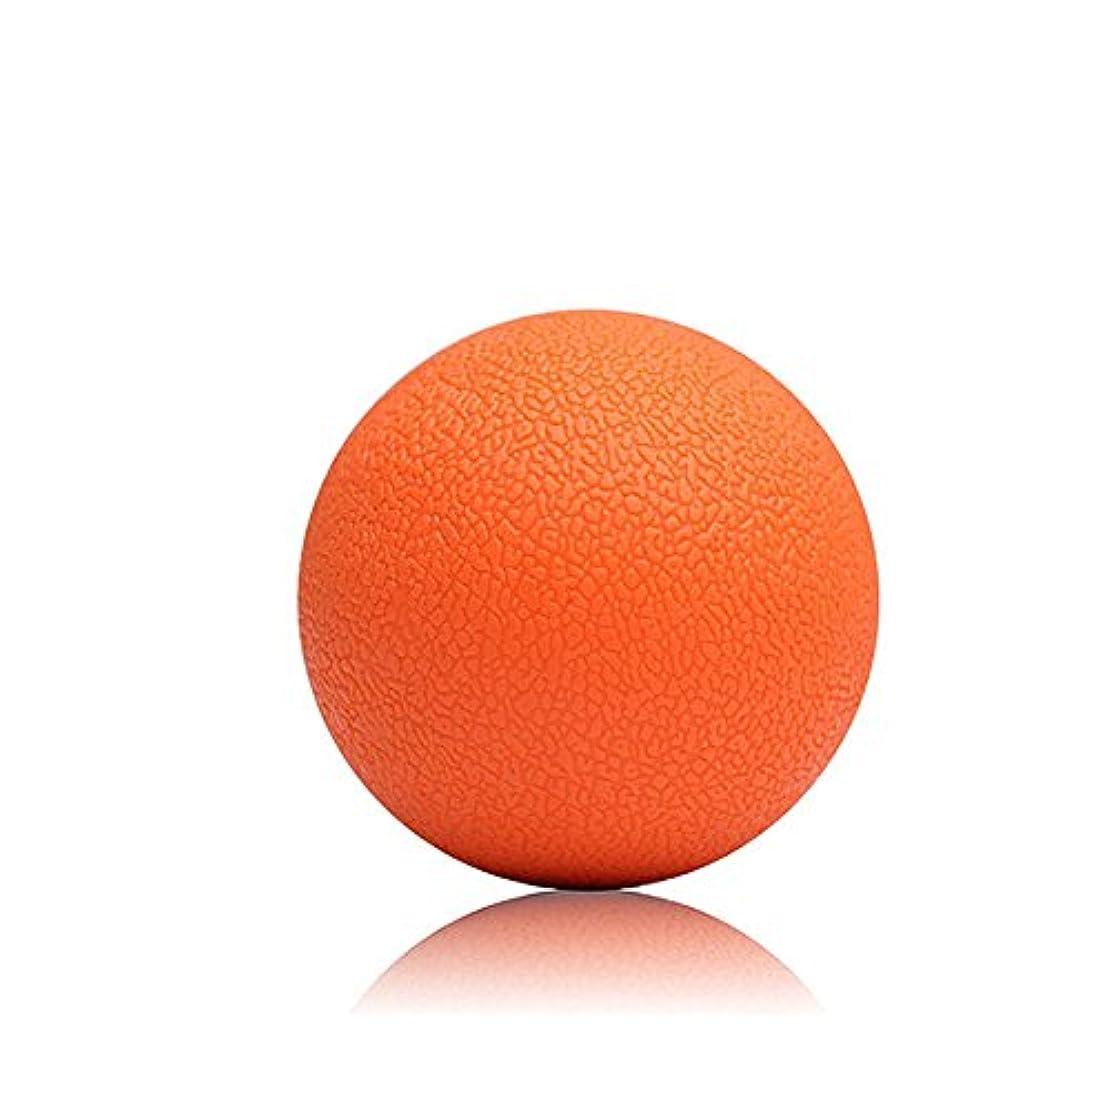 避難かんたん酸化するマッサージボール 筋膜リリース 指圧ボール 足裏 ふくらはぎ ツボ押しグッズ 健康グッズ